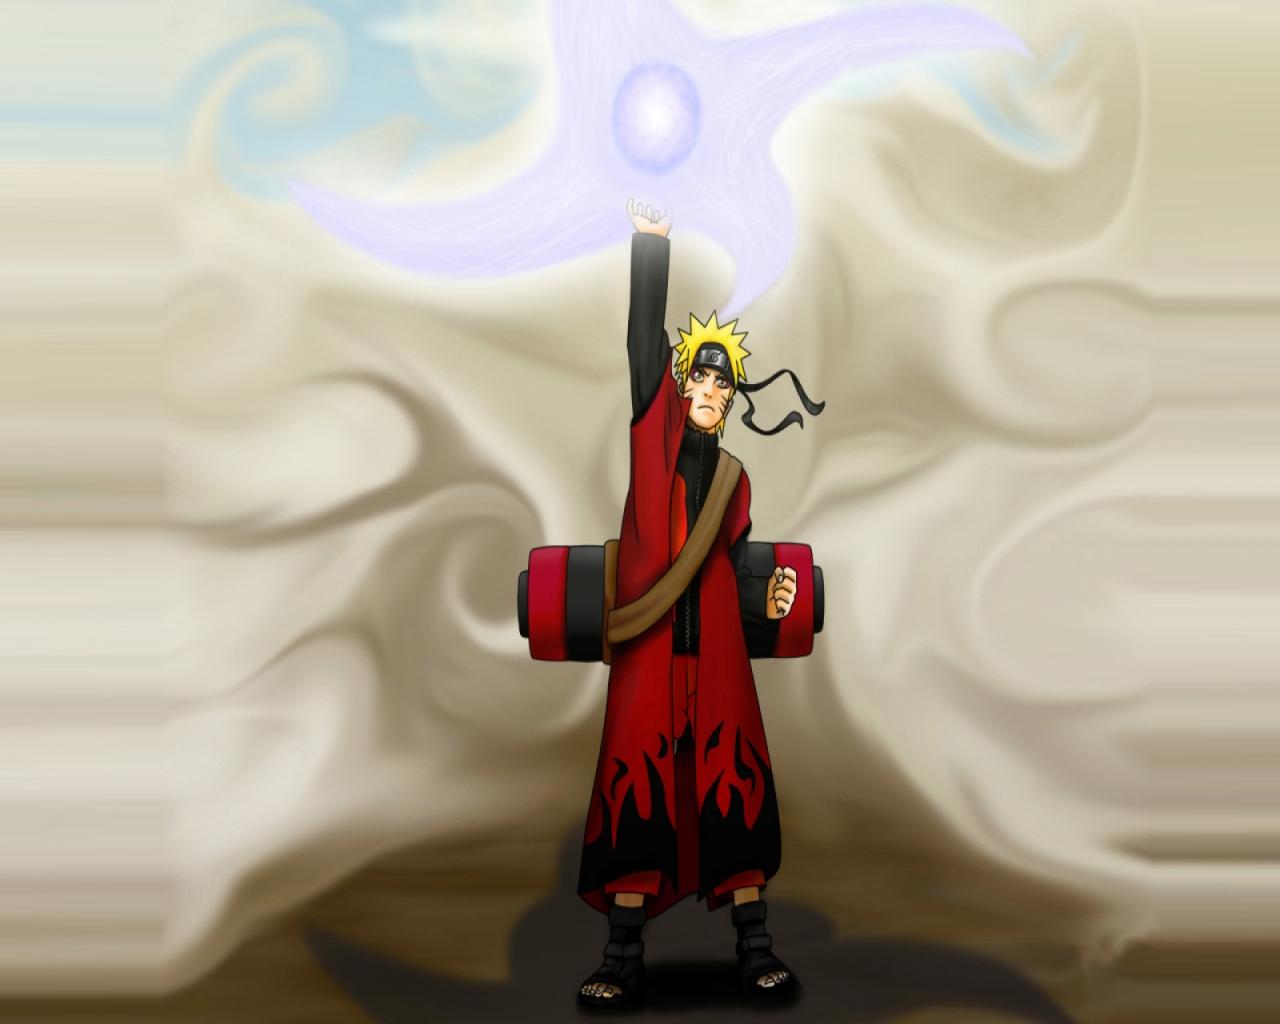 http://1.bp.blogspot.com/-C7ZX2YfeouM/TsVDpGL5_7I/AAAAAAAABvc/facN-8jPJiE/s1600/Naruto-Sage-Rasenshuriken-303871.jpeg